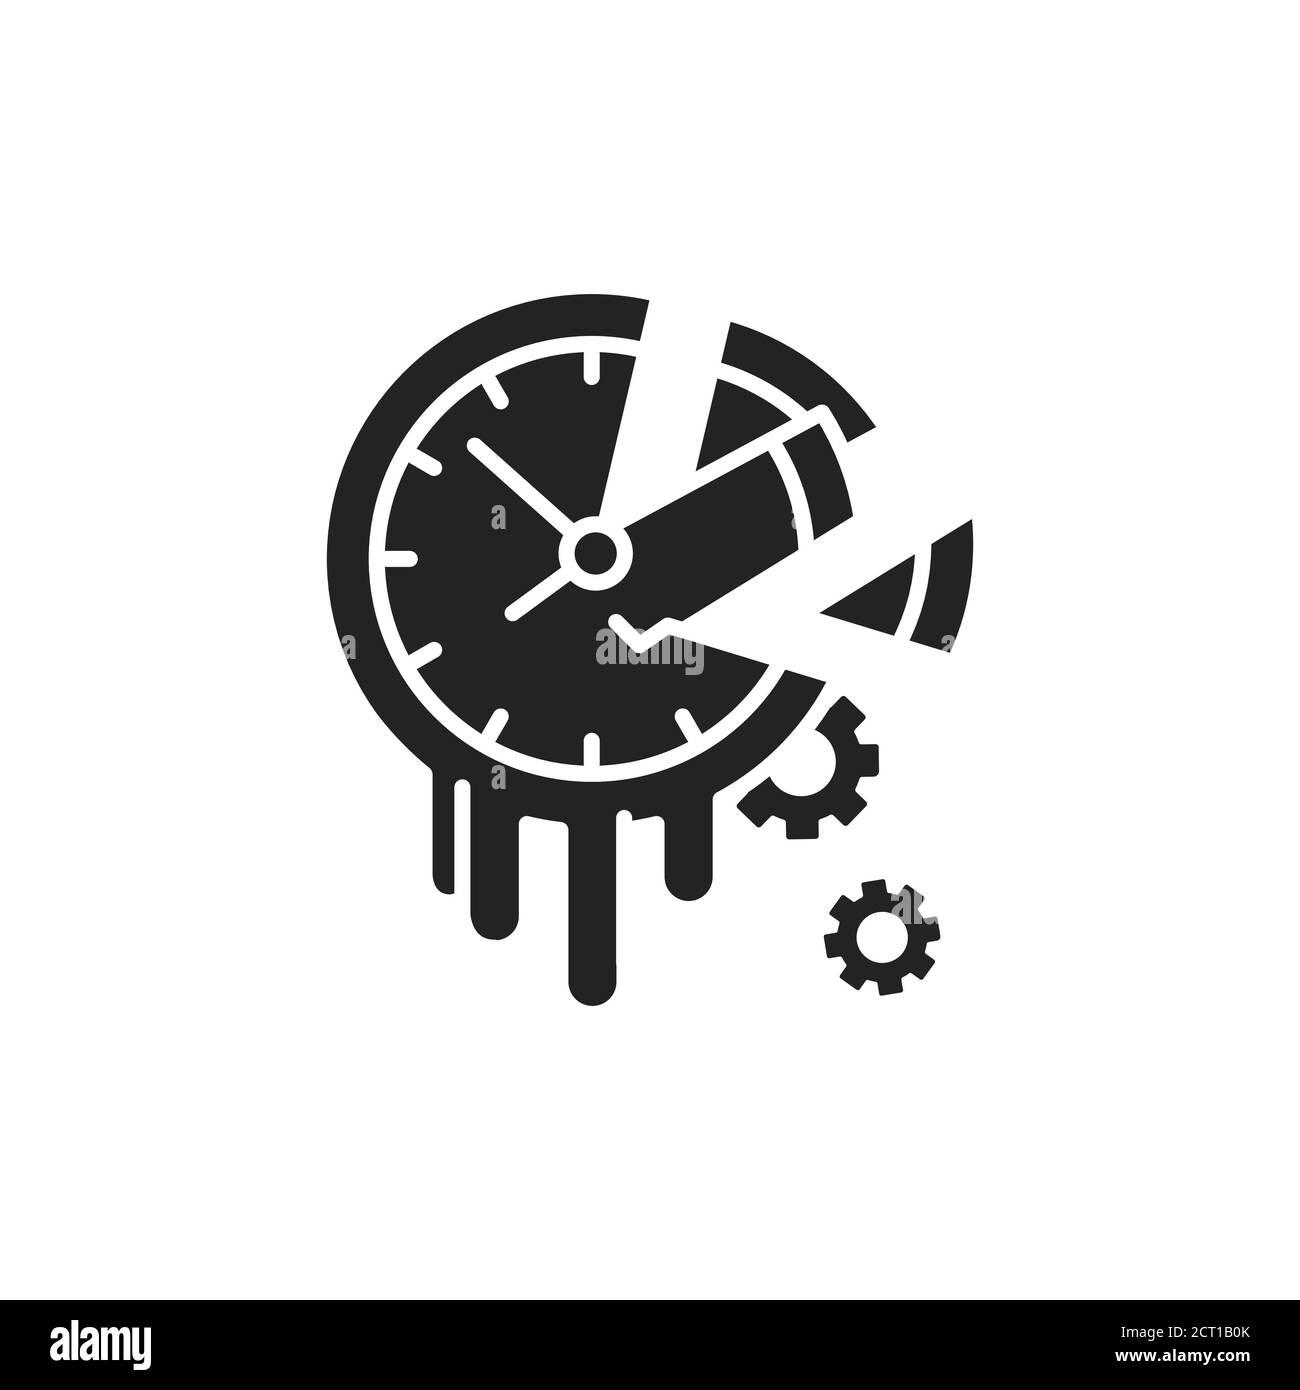 Icono de glifo negro de tiempo de pérdida. Concepto de dilación y pereza. Firme para la página web, la aplicación móvil, el botón, el logotipo. Elemento aislado vectorial Ilustración del Vector